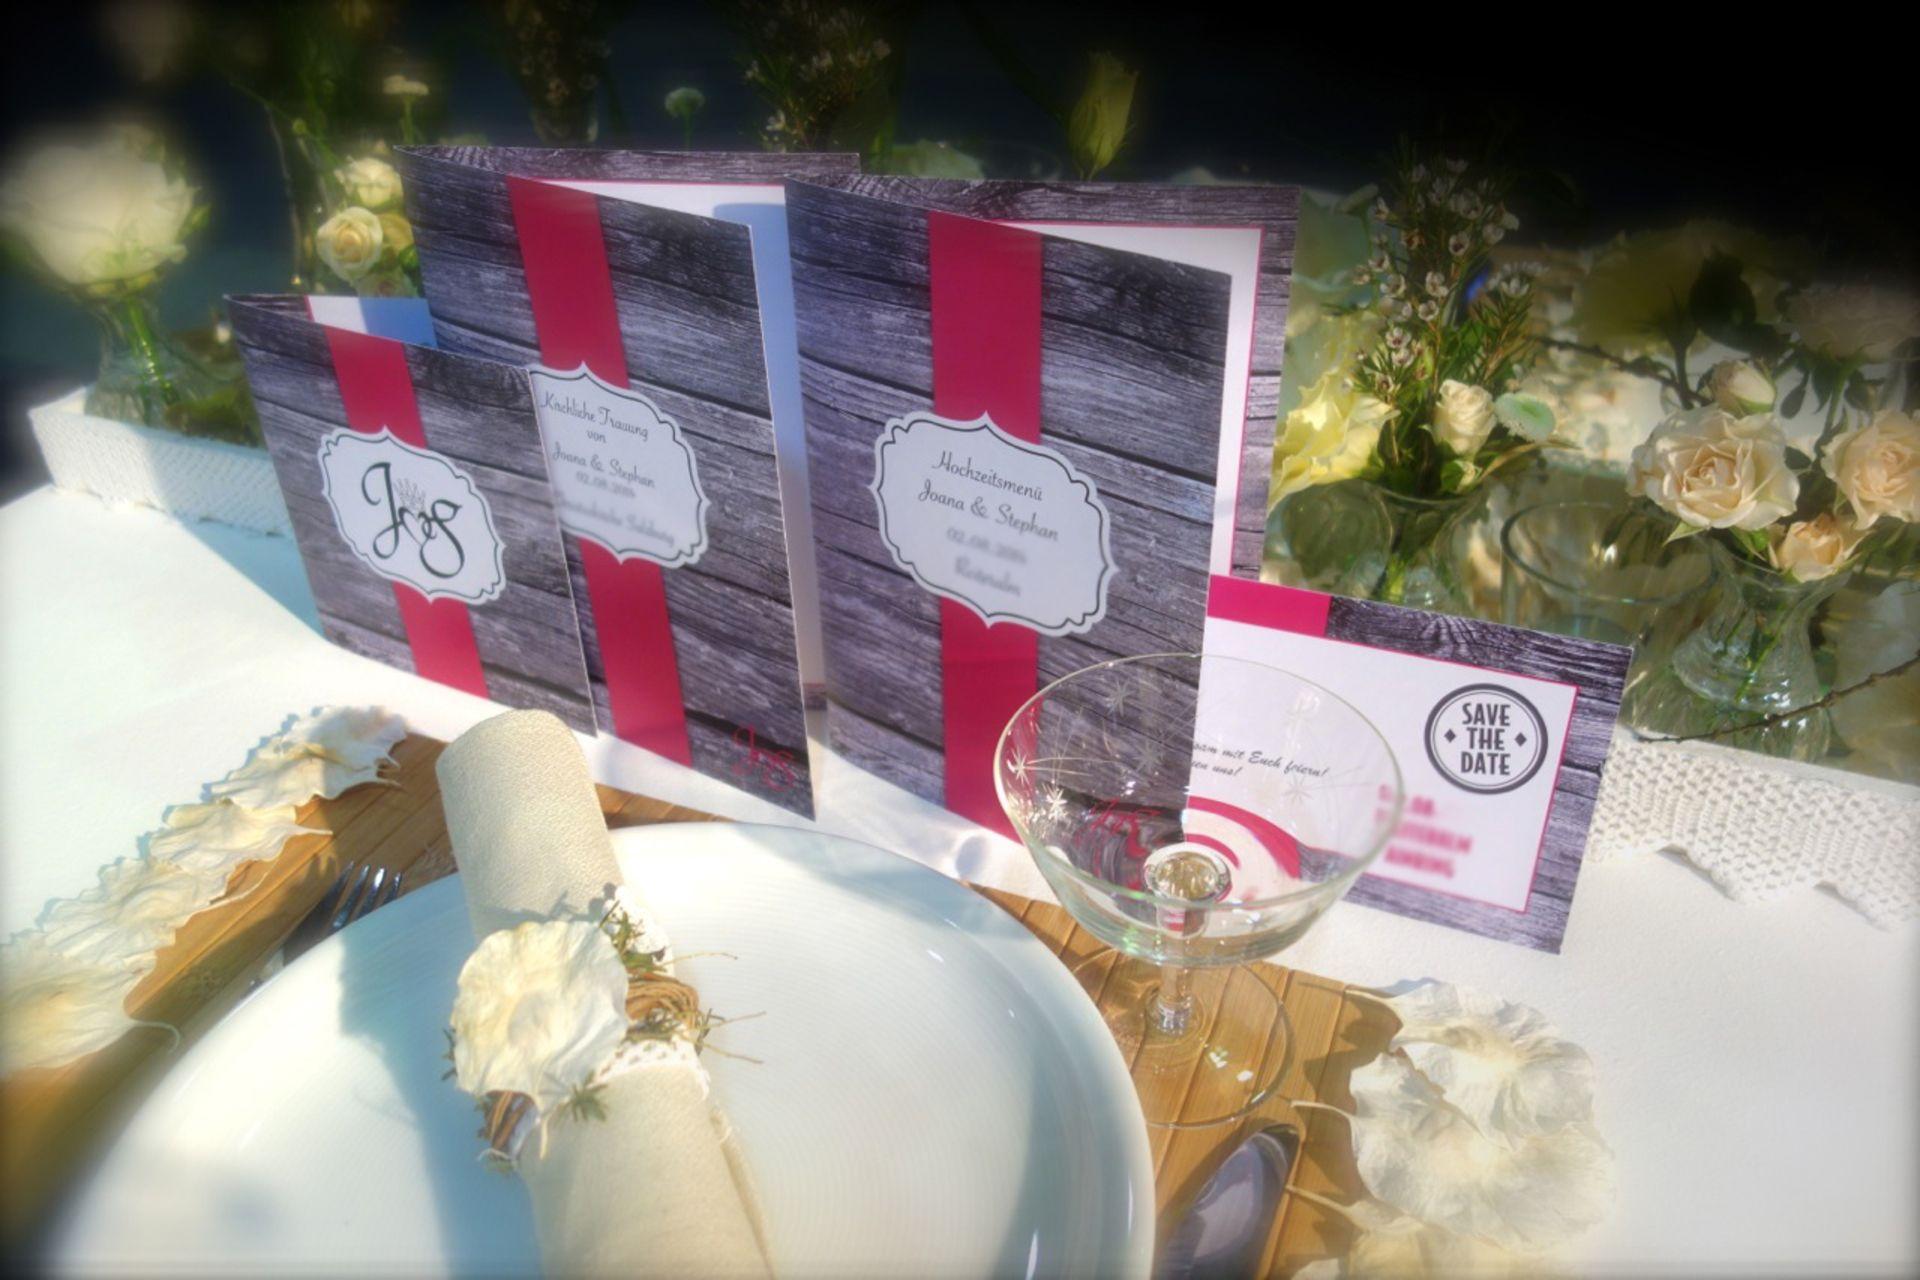 Selbst Gestaltete Hochzeitseinladungen Gunstig Drucken Lassen